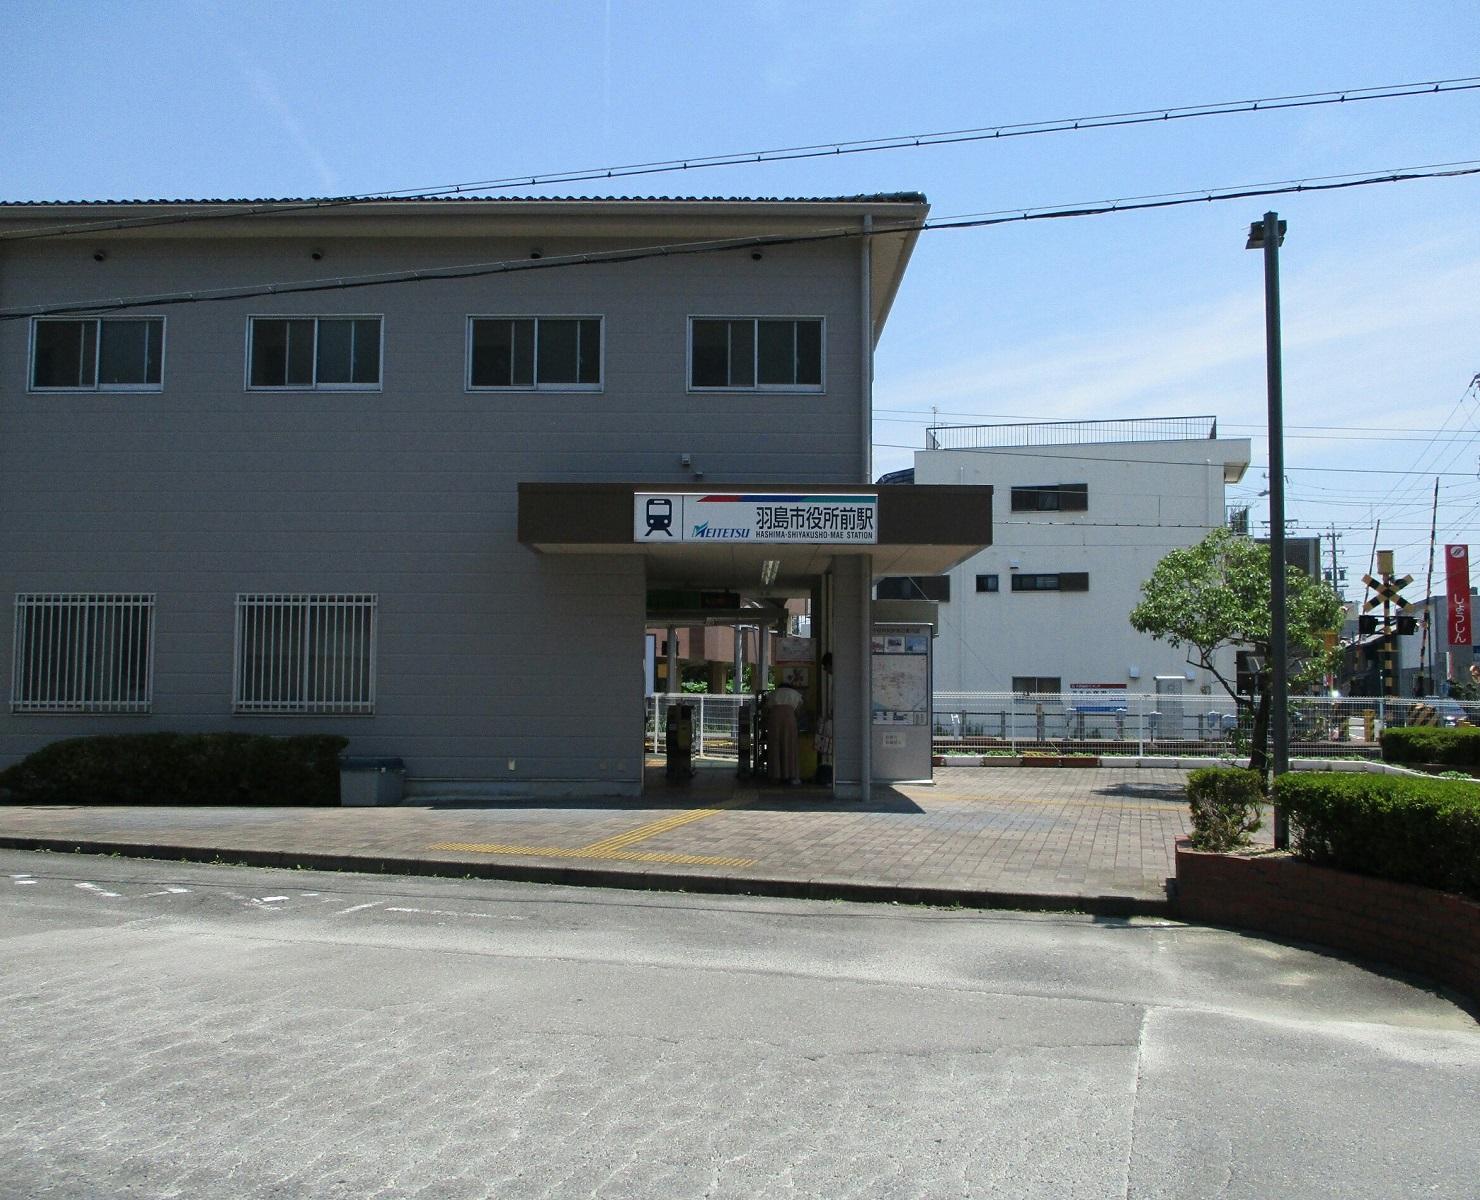 2018.7.18 (79) 羽島市役所前 - 駅舎 1480-1200